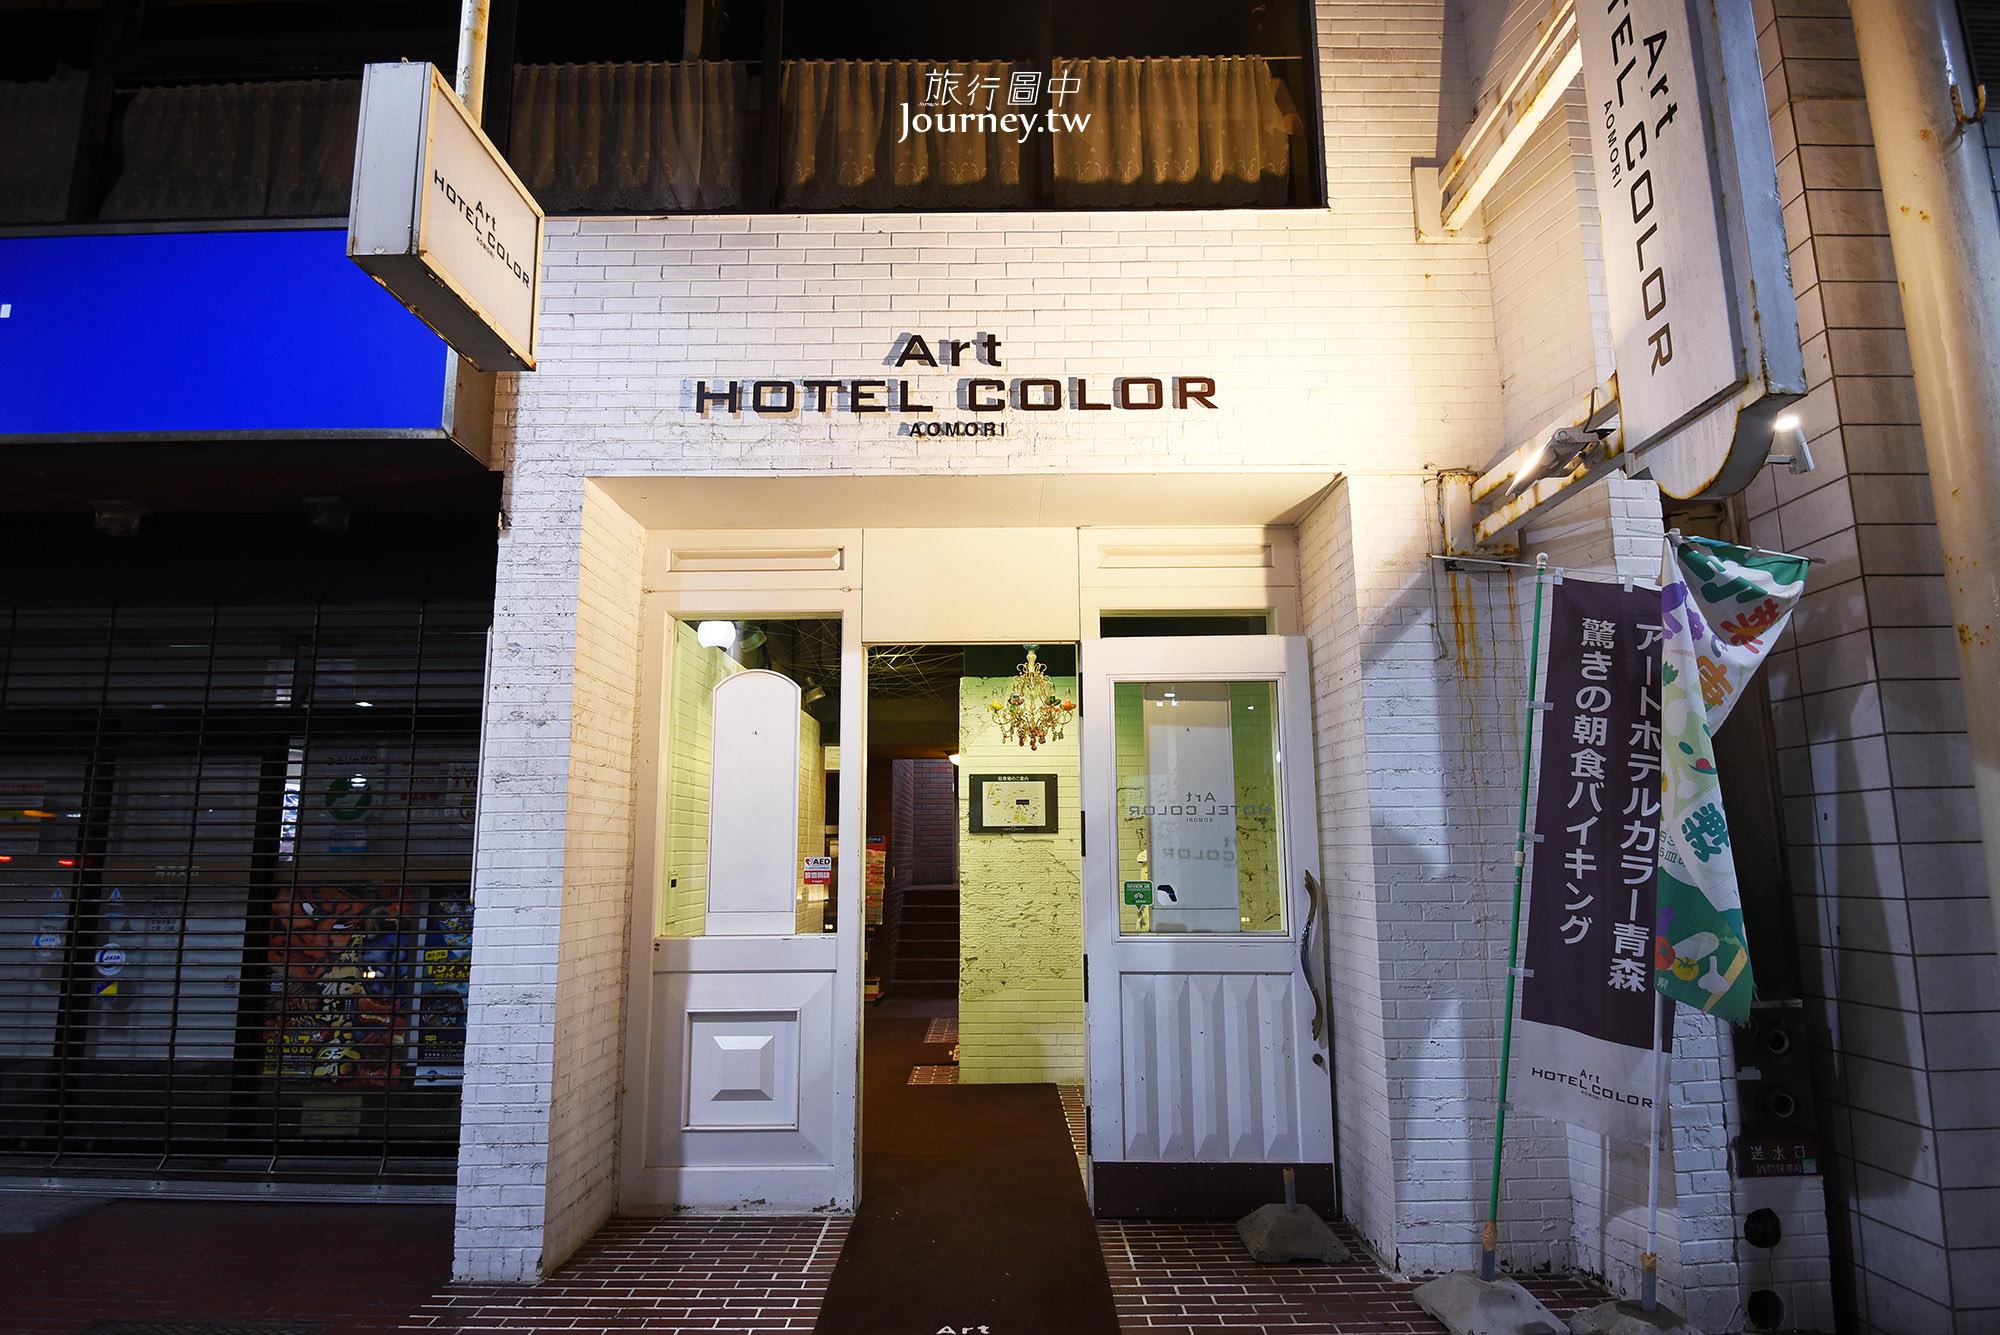 青森住宿,青森顏色藝術飯店 ,Art Hotel Color Aomori